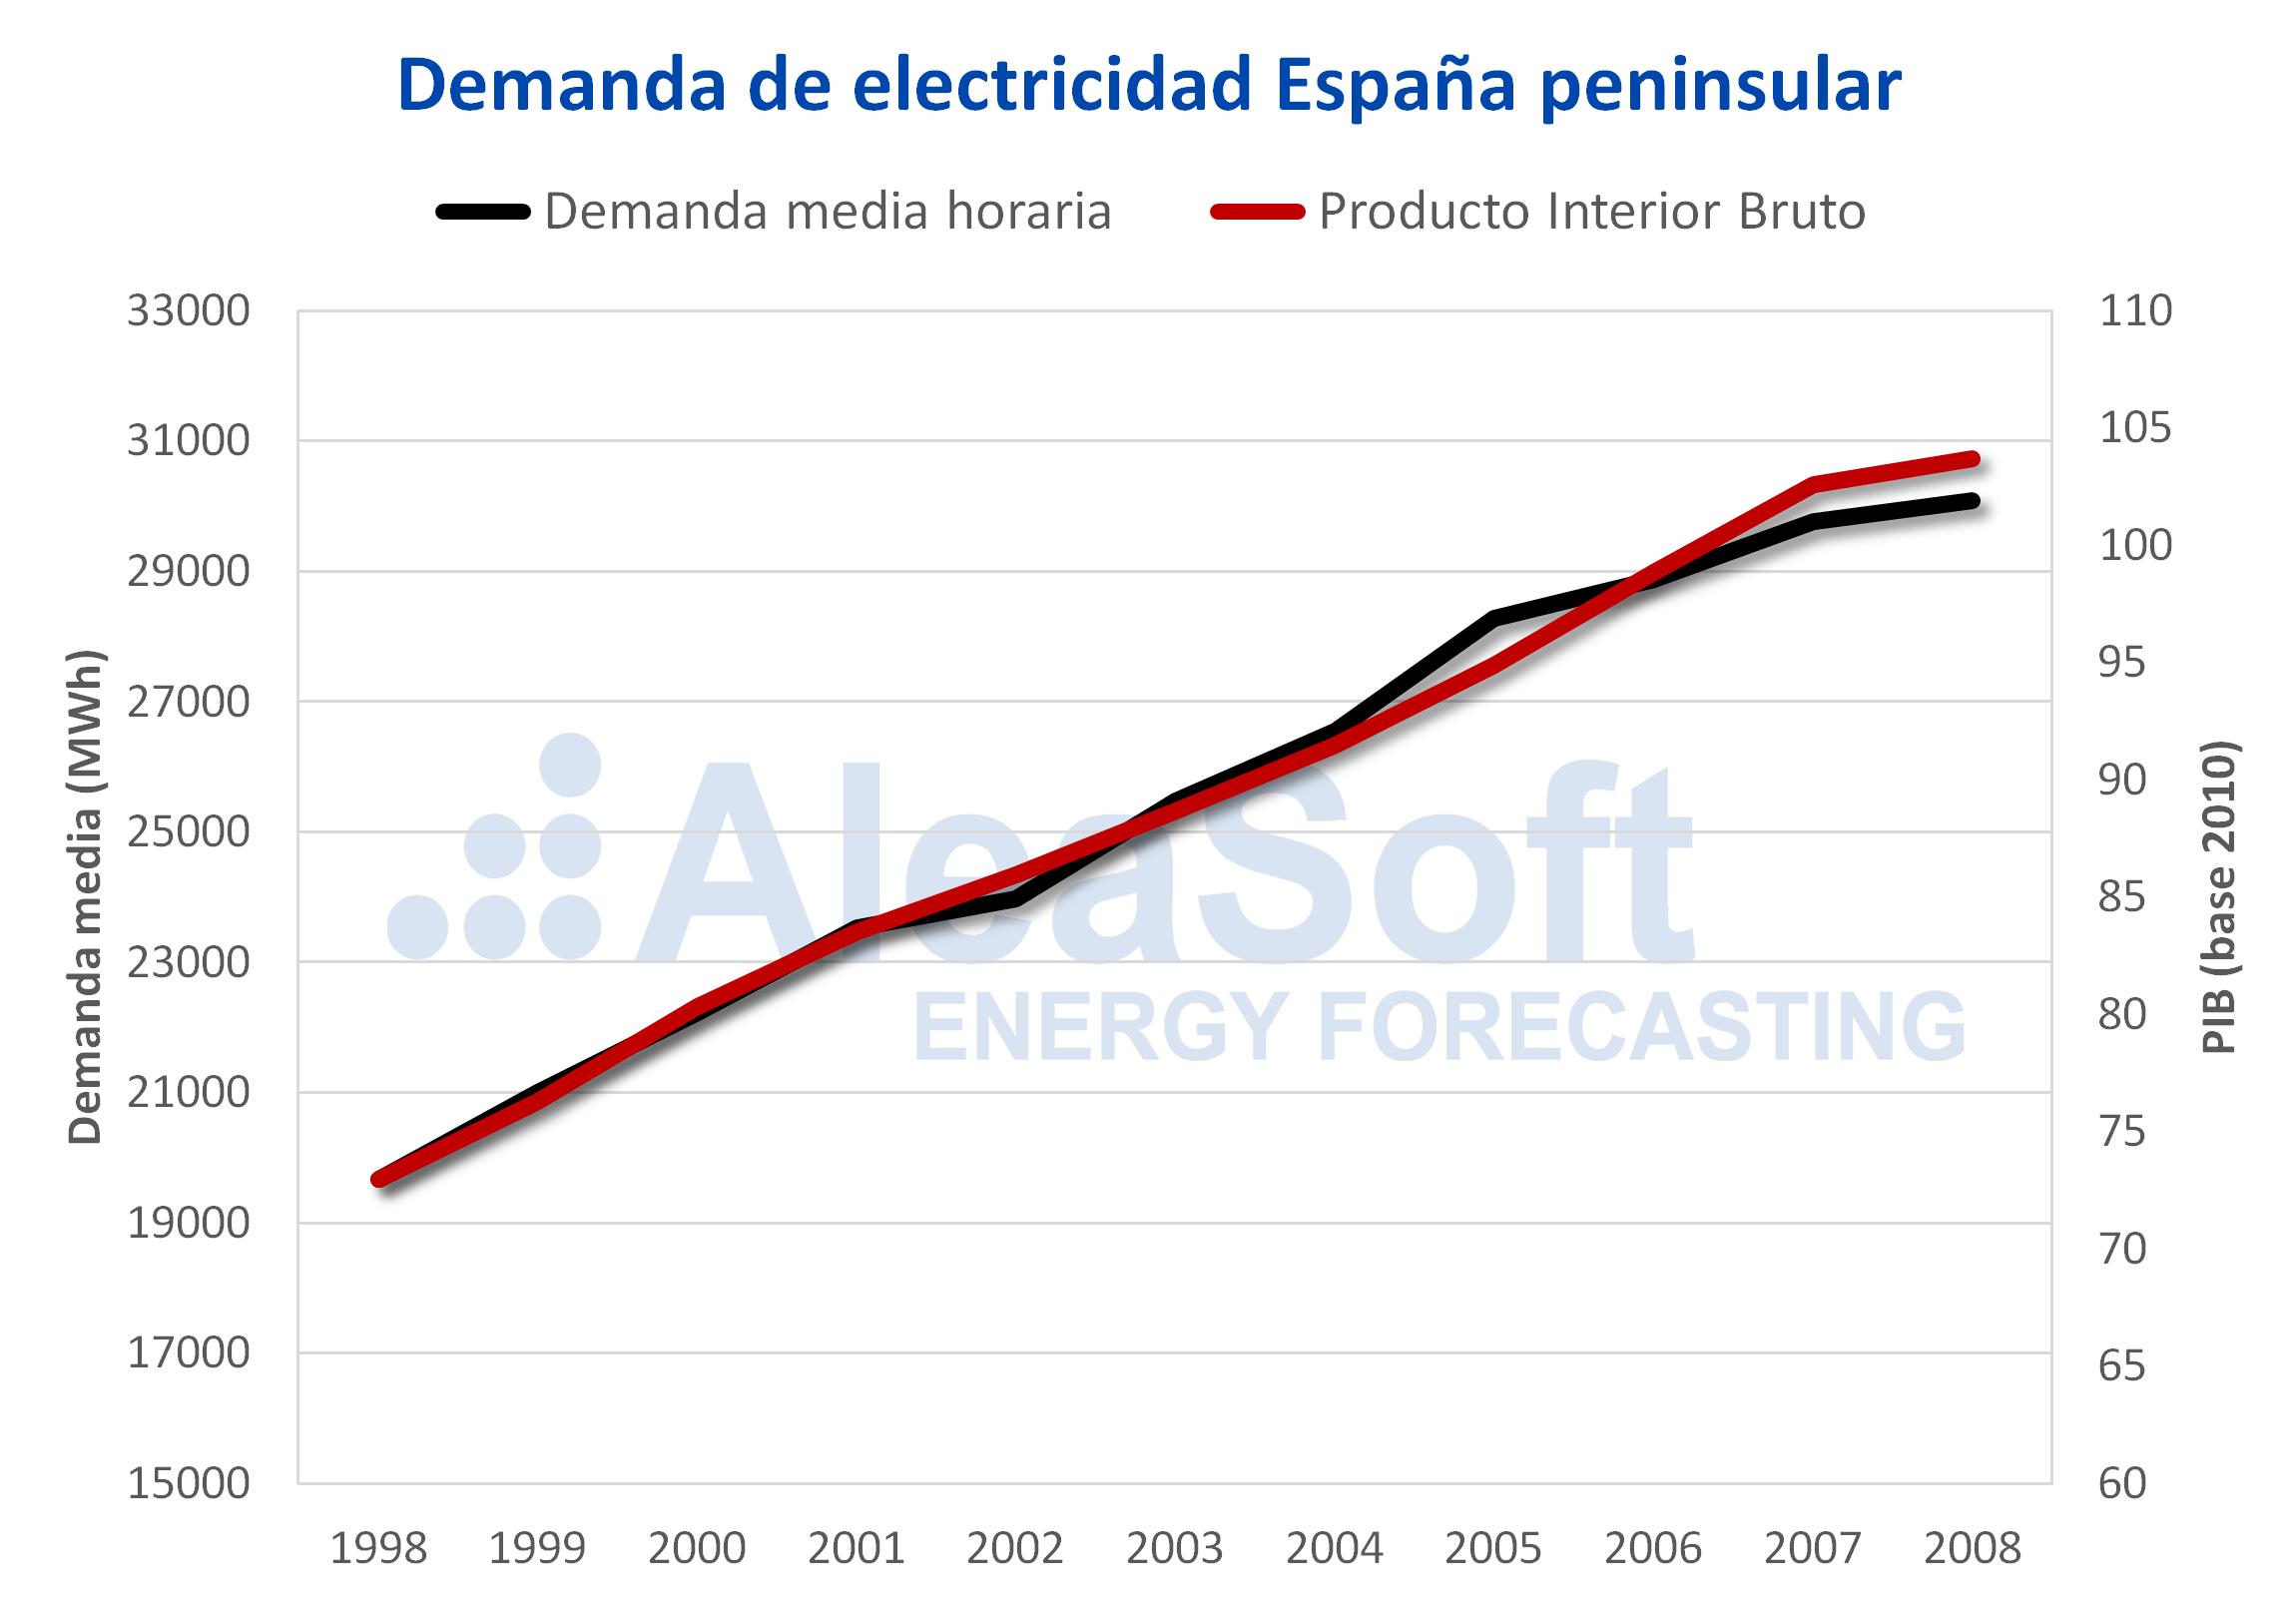 AleaSoft - Demanda electricidad PIB España